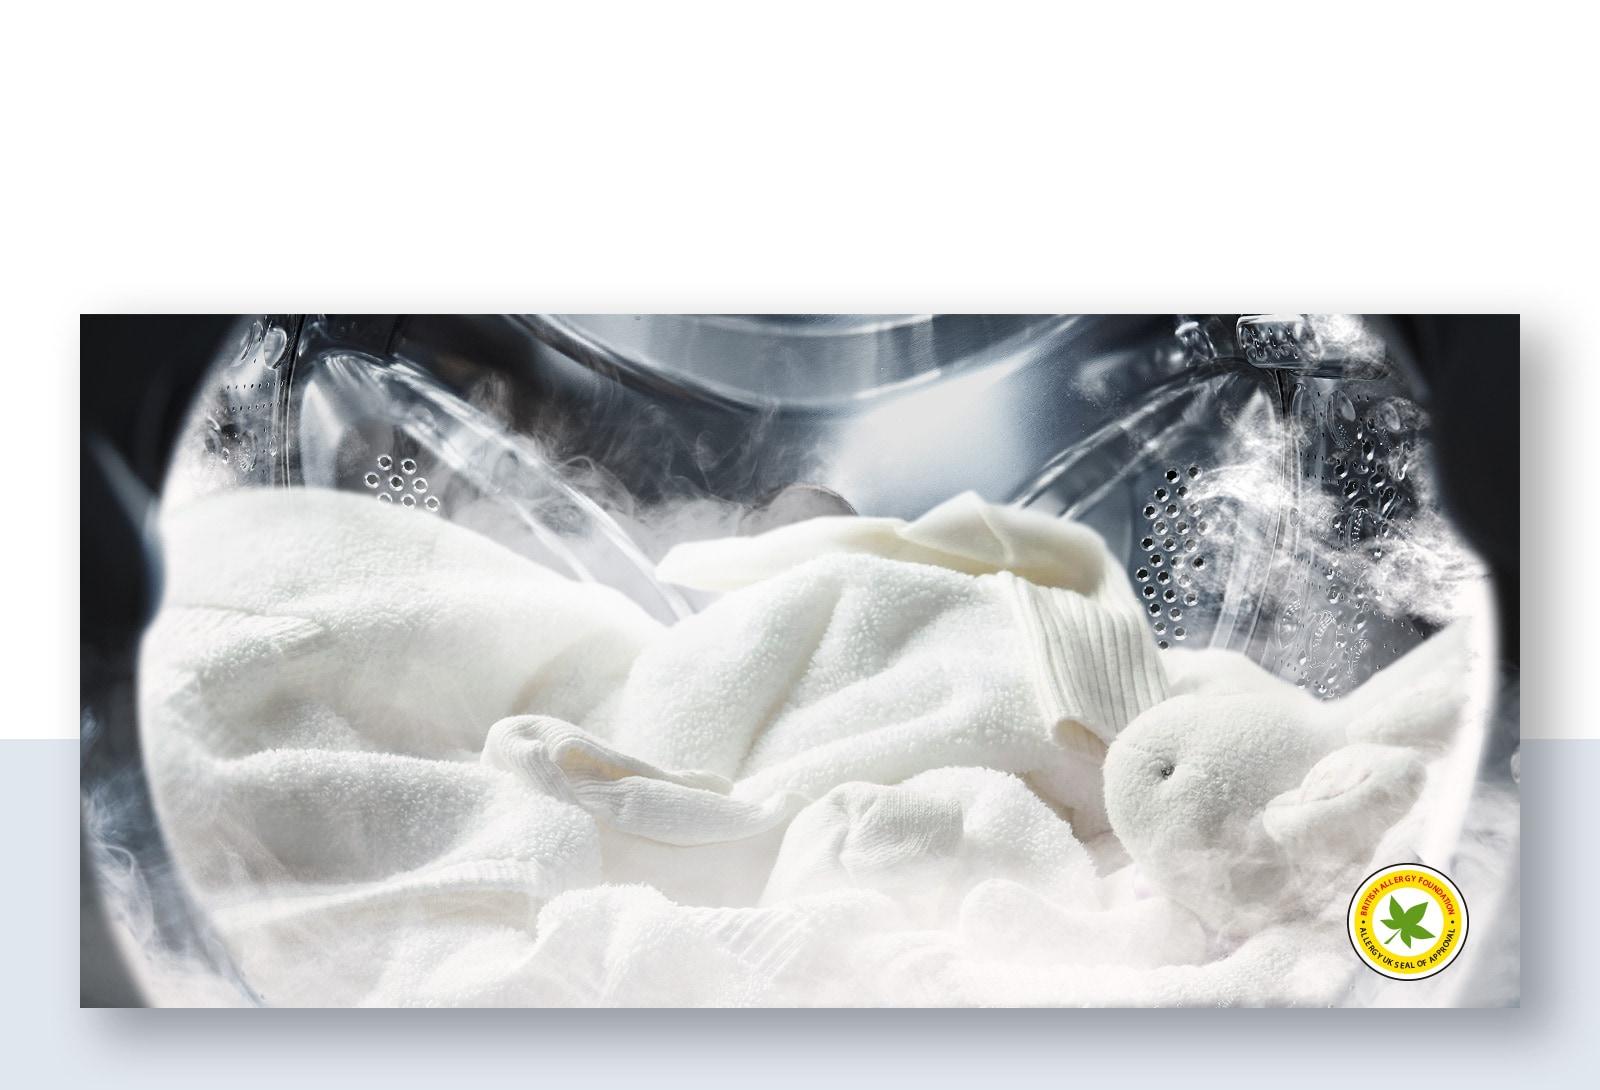 Hình ảnh một chiếc áo choàng trắng mềm mại và thú nhồi bông trong làn hơi nước trong lồng giặt của máy giặt.